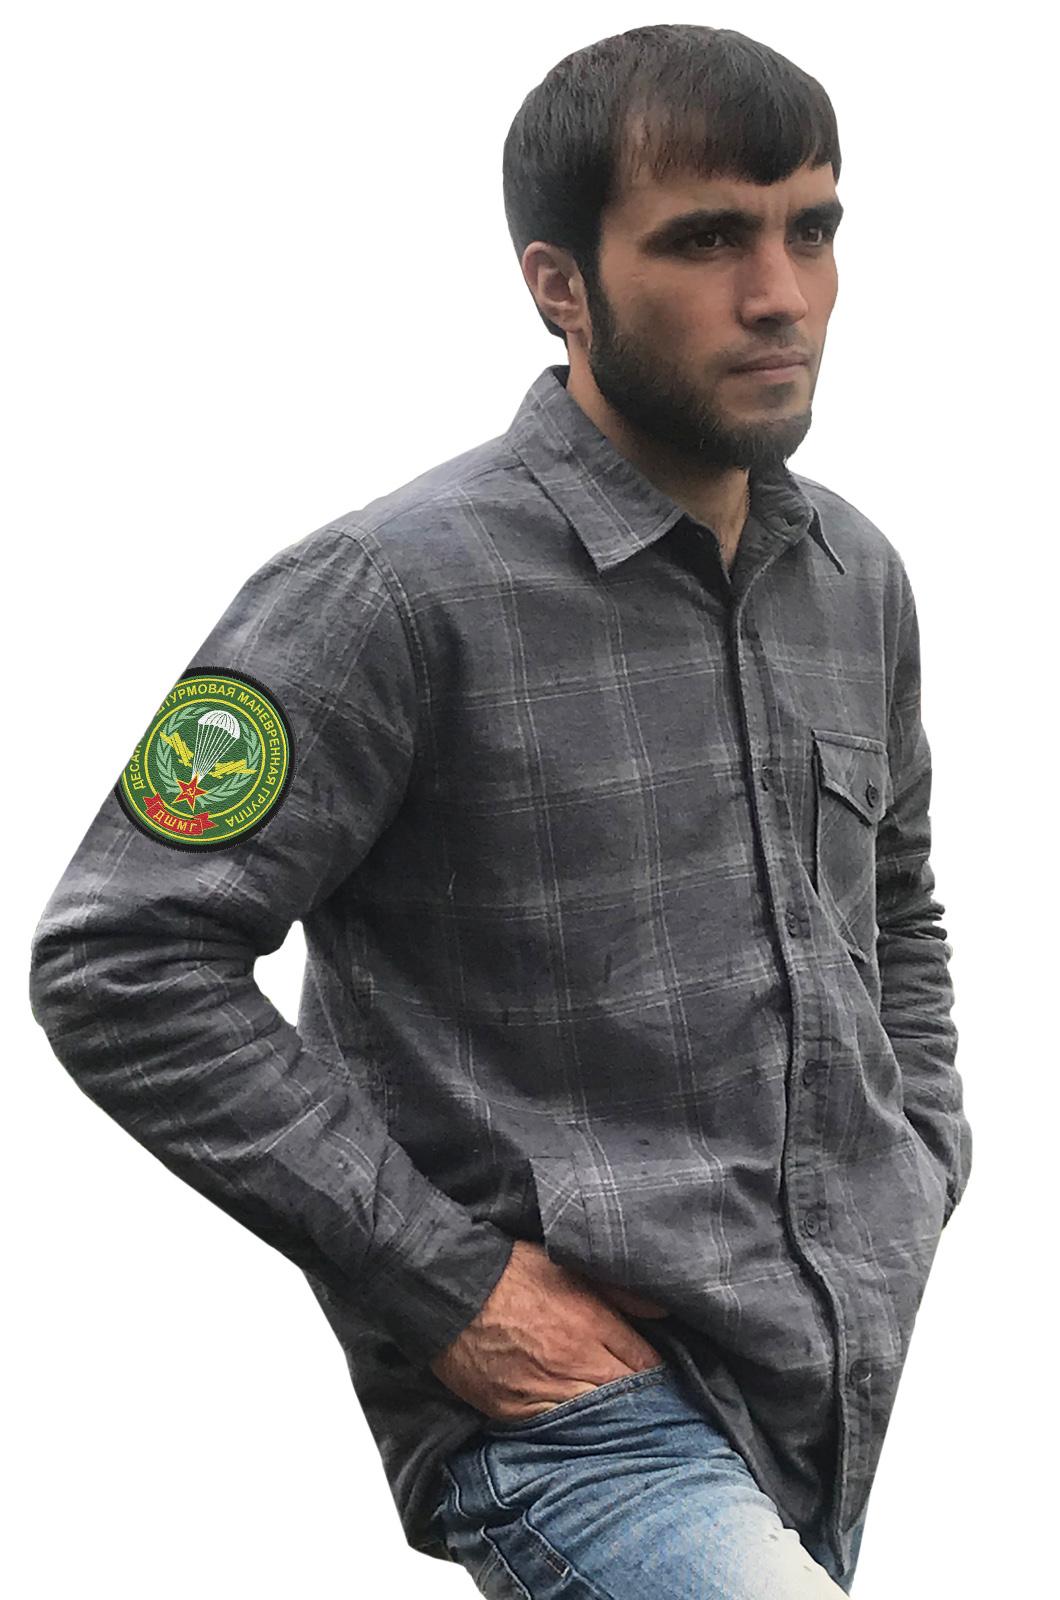 Мужская рубашка с шевроном ДШМГ